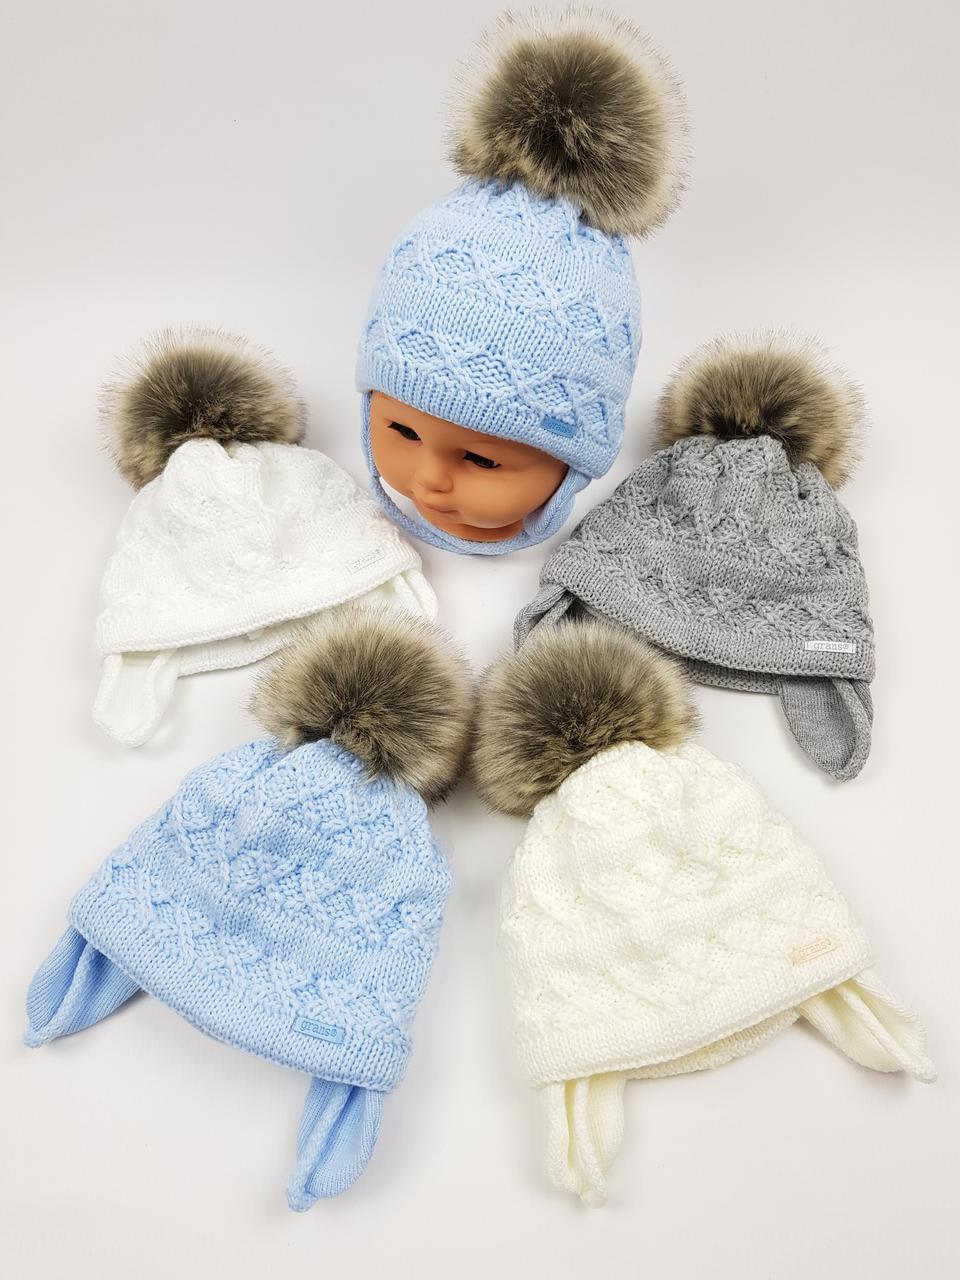 Детские зимние шапки на флисе с помпоном и завязками для мальчиков оптом, р.36-38, Польша (Grans)